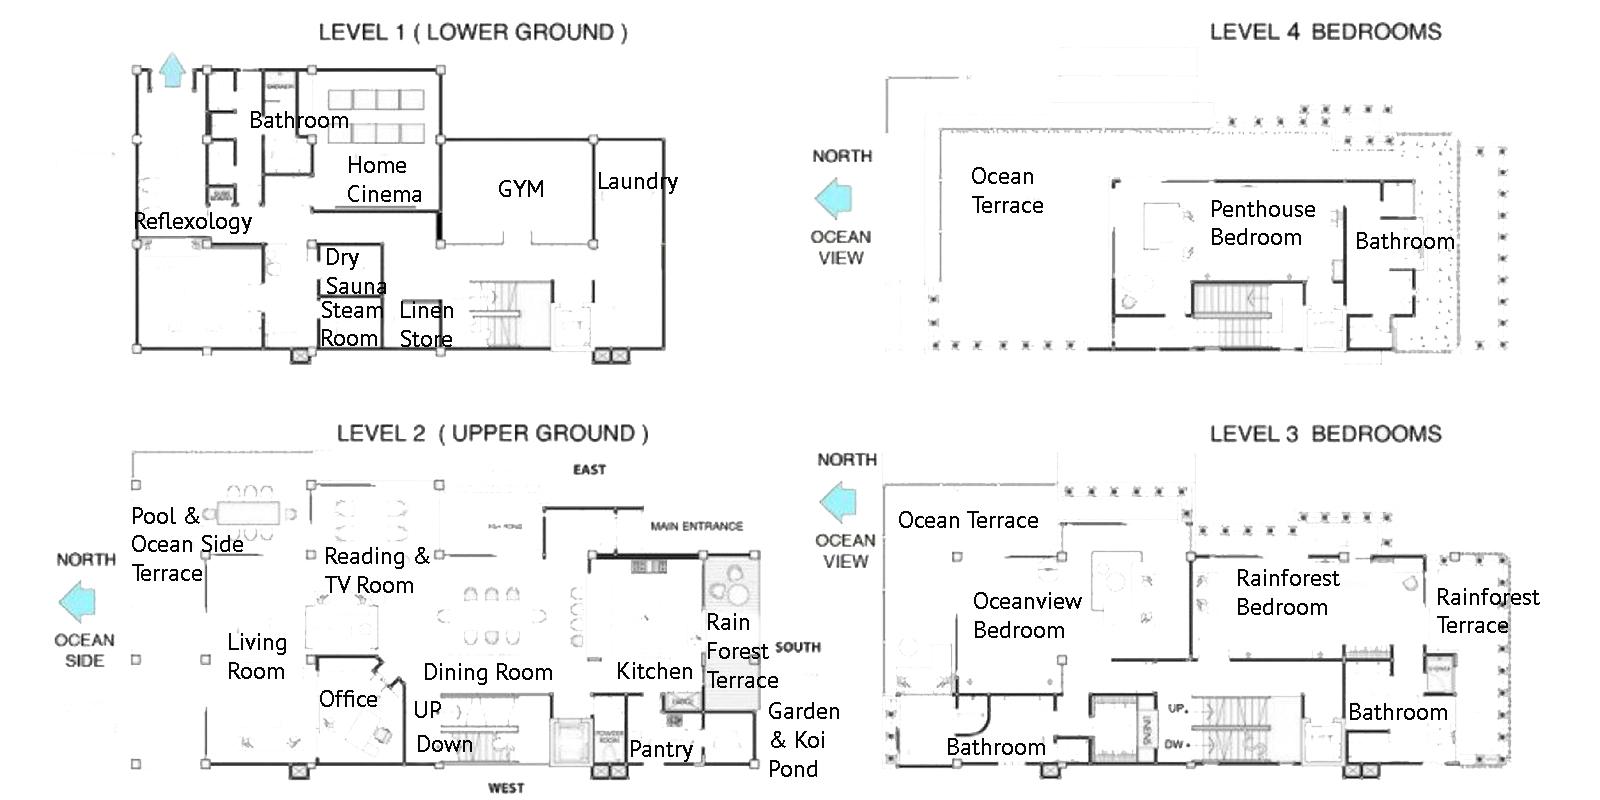 The Luxe Bali Floor Plan | Uluwatu, Bali